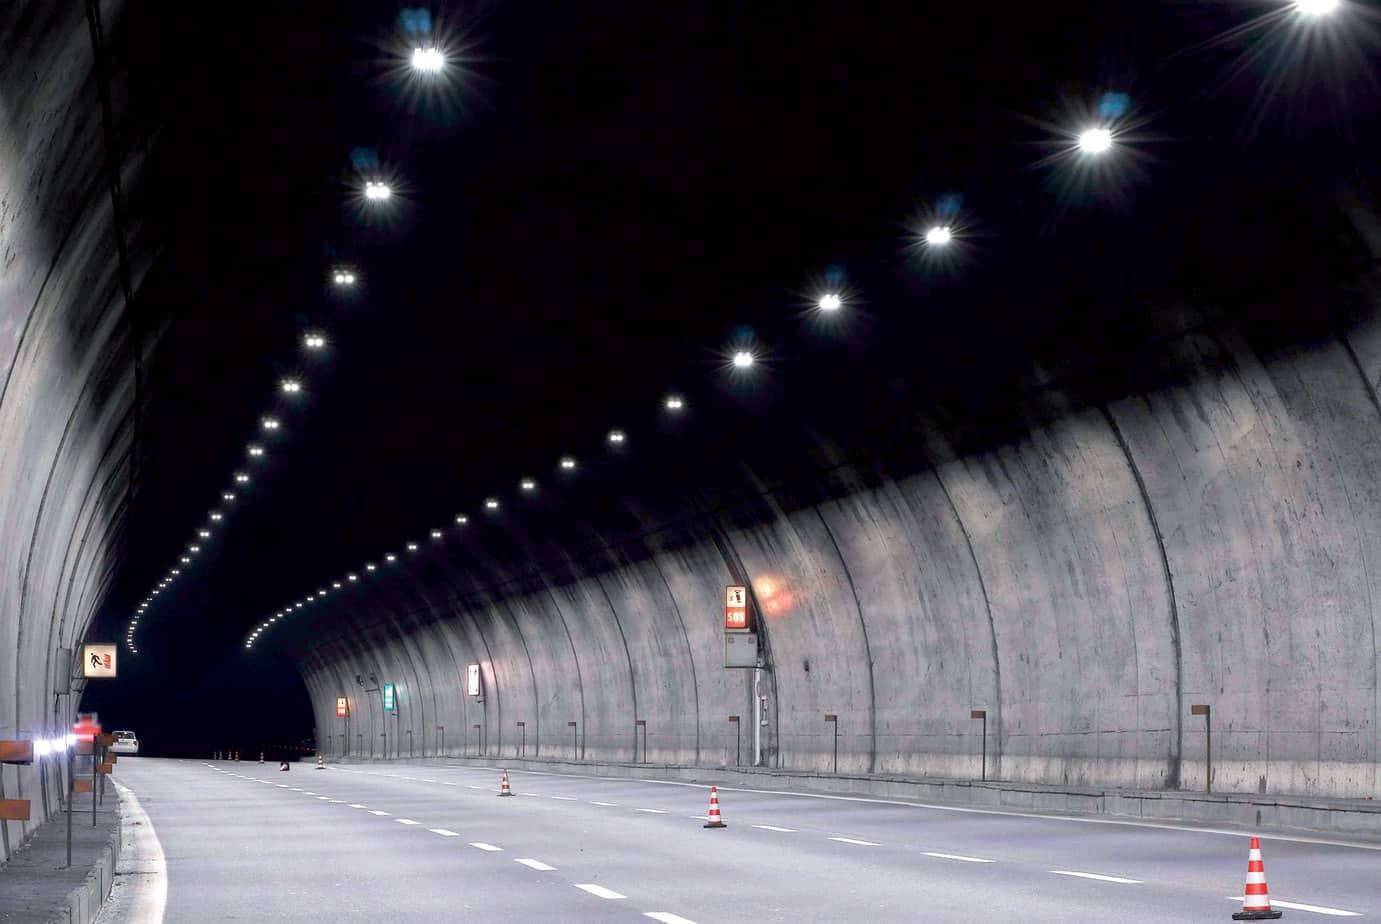 L'illuminazione a LED della galleria Vado (della lunghezza di 1.128m, a tre corsie di marcia, a disposizione bifilare) sulla A1 al km 216 (direzione Sud). Nel rispetto della vigente Normativa in materia di illuminazione di gallerie, è stato possibile raggiungere i livelli di illuminamento necessari installando apparecchi da 60 LED per la zona di ingresso della galleria e apparecchi da 40 LED per la parte centrale (illuminazione permanente). I livelli di luminanza ottenuti con gli apparecchi da 40 LED sono di 2,26 cd/m2 medie al suolo (U0 = 0,72; Ul = 0,90; TI = 5,74) e di 3,54 cd/m2 medie sulle pareti